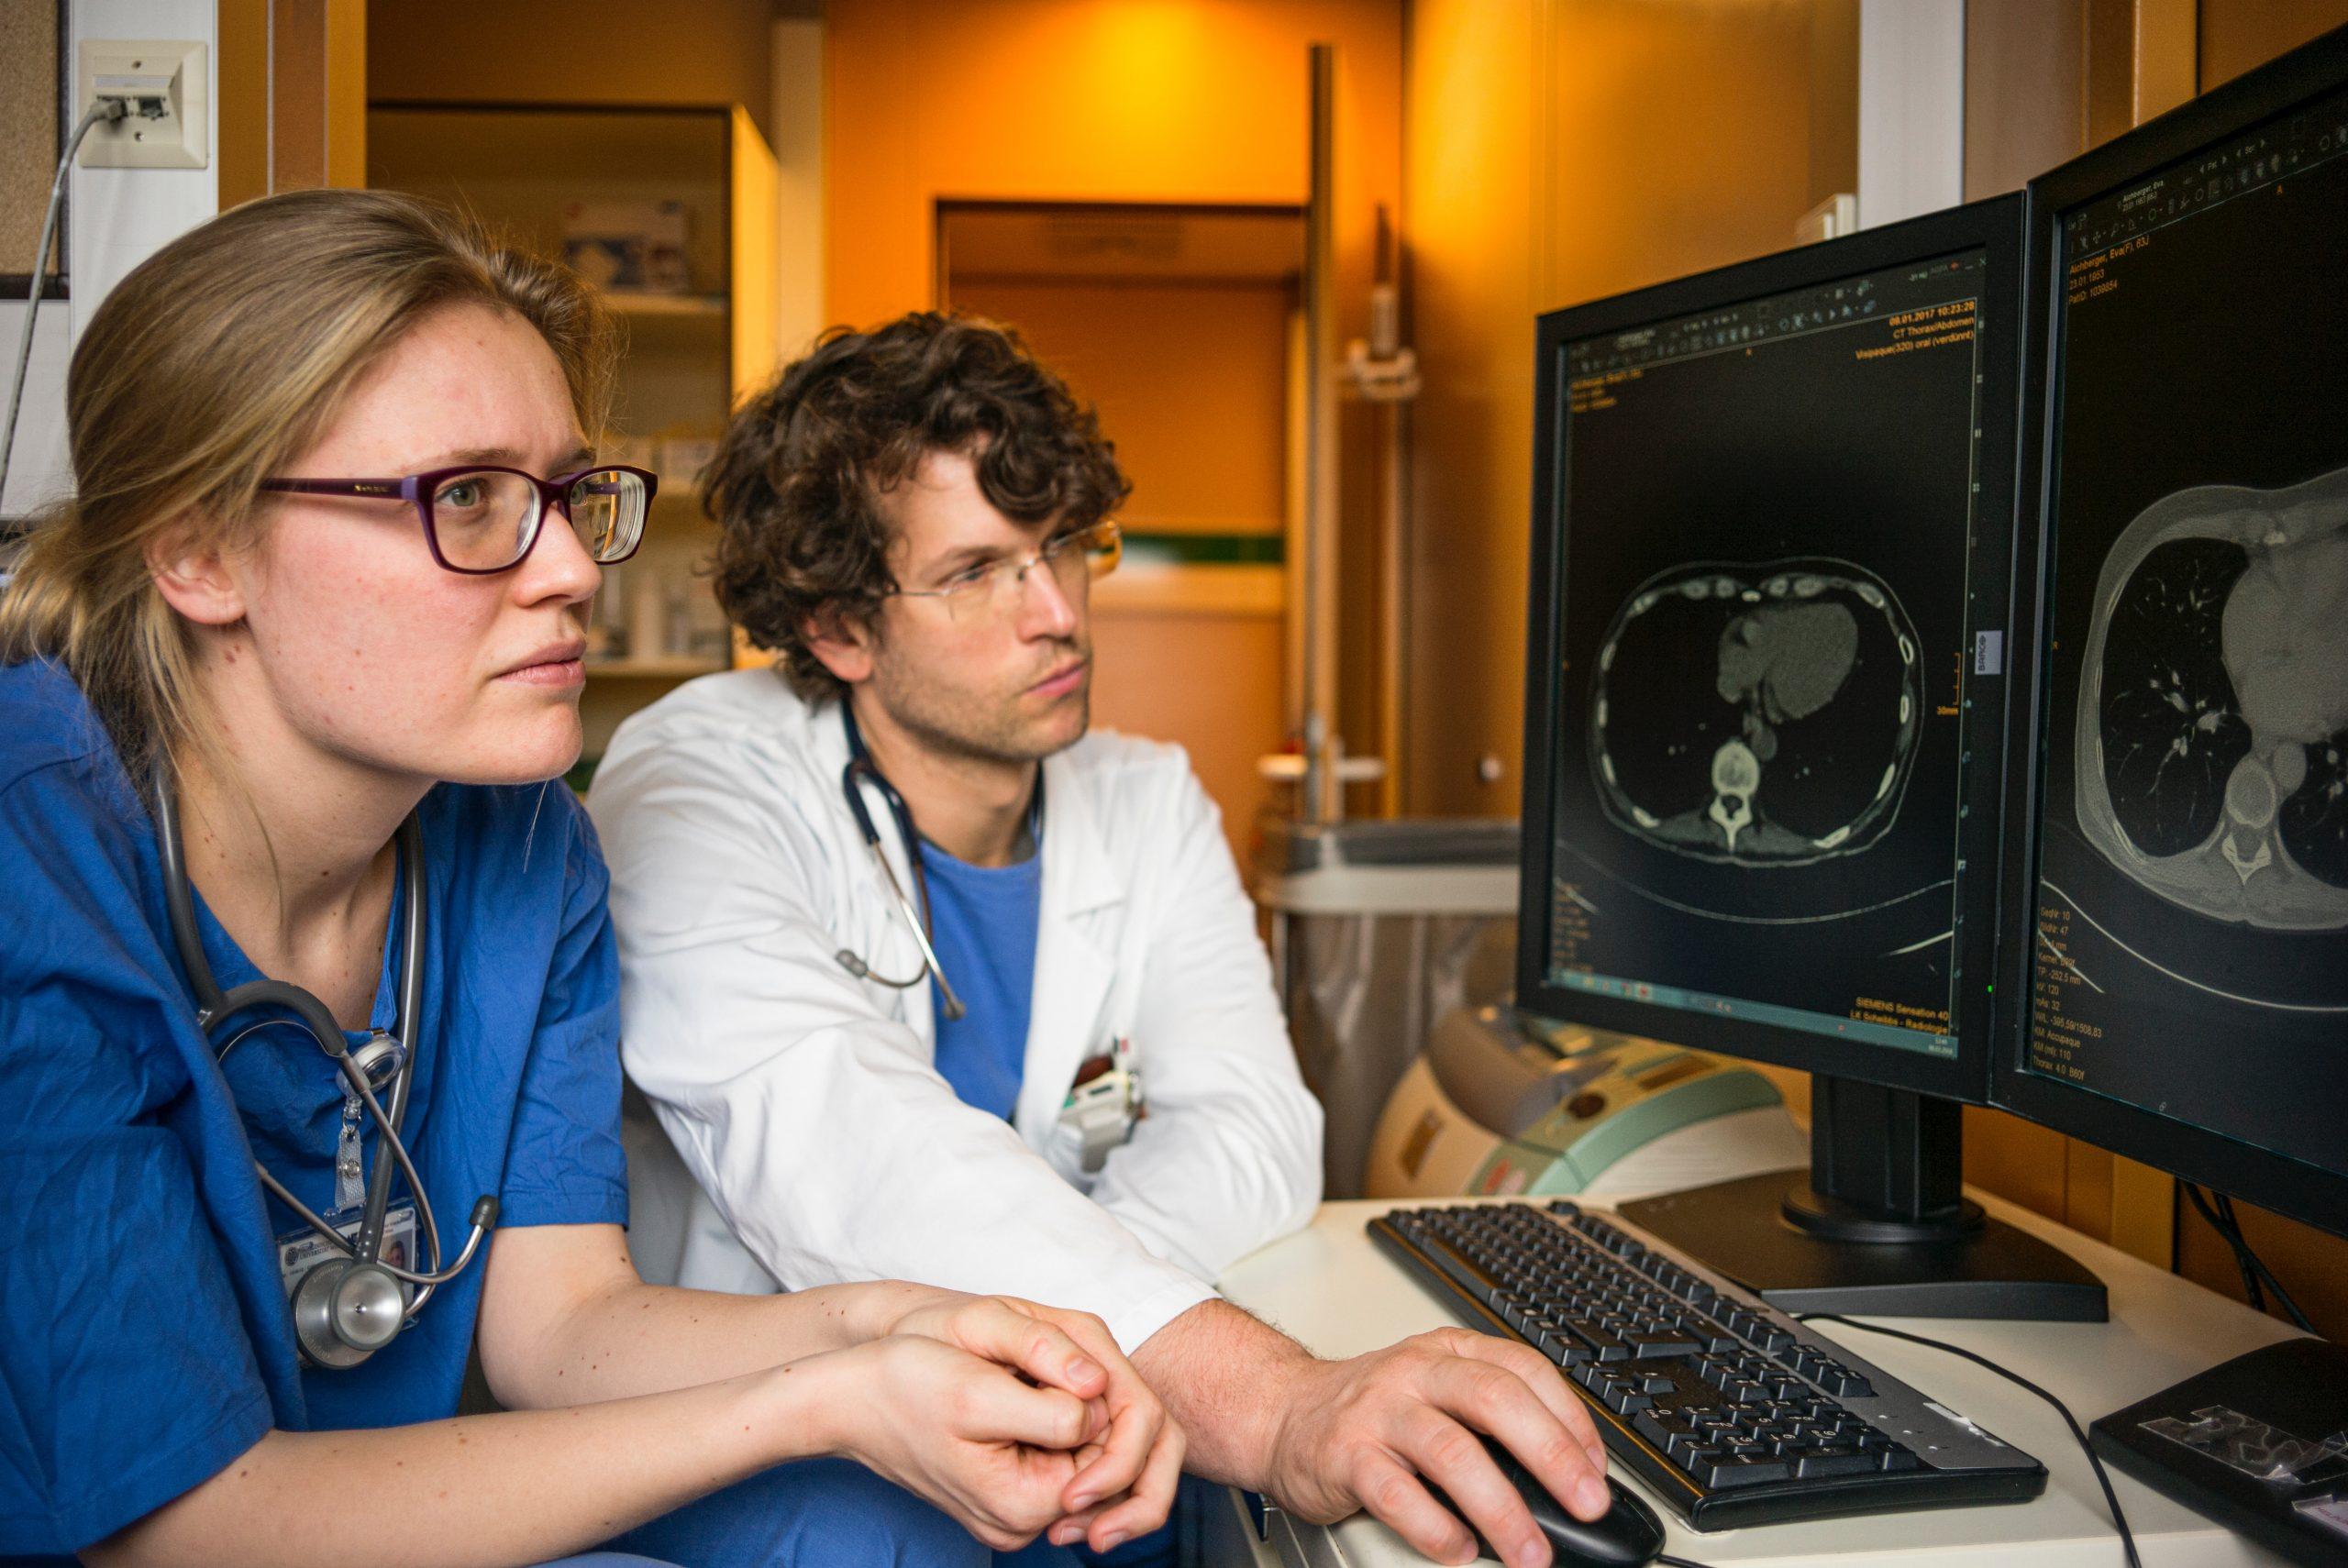 Radiologist Career